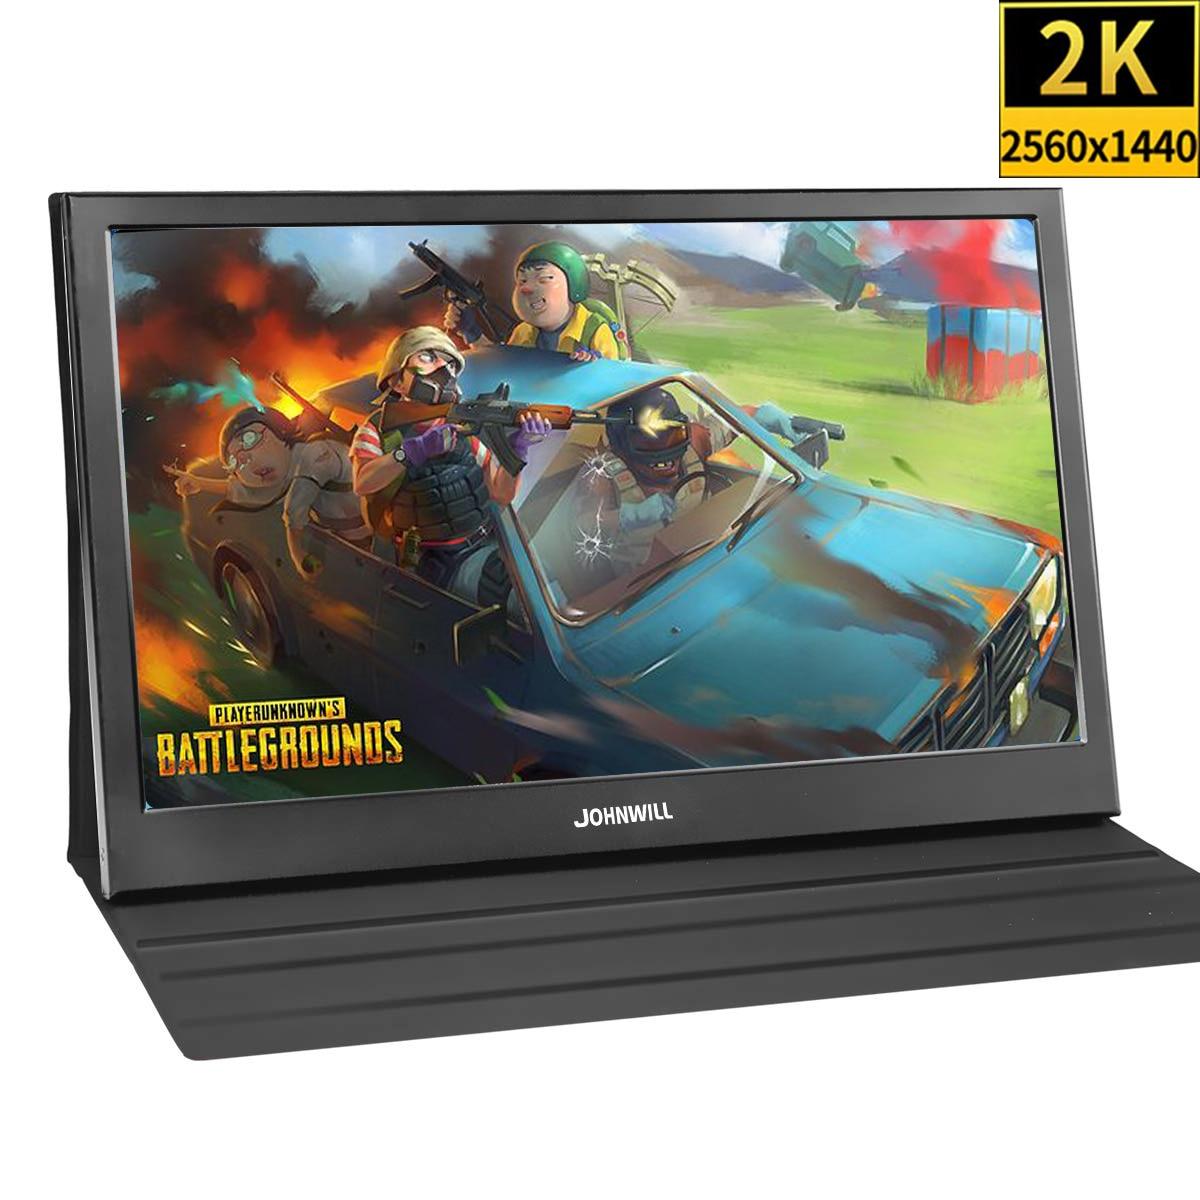 Monitor portátil 2K de 13,3 pulgadas para PS4 Wins 7 8 10 Full HD 2560X1440 IPS pantalla ultrafina + 2 Interfaz HDMI con funda